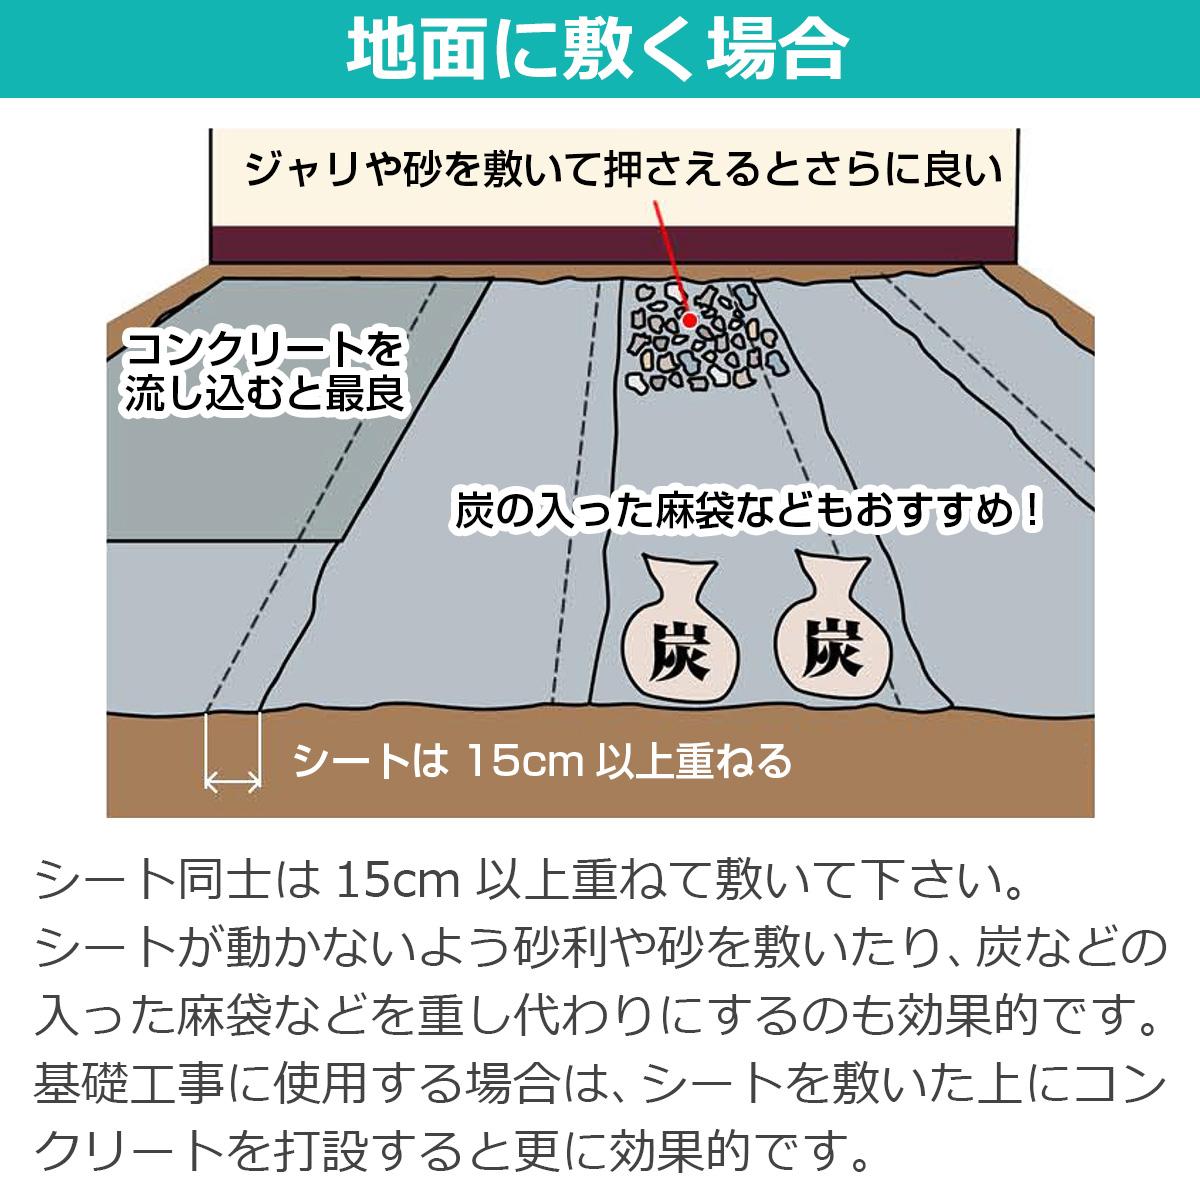 地面に敷く場合 シート同士は15cm以上重ねて敷いて下さい。シートが動かないよう砂利や砂を敷いたり、炭などの入った麻袋などを重し代わりにするのも効果的です。基礎工事に使用する場合は、シートを敷いた上にコンクリートを打設すると更に効果的です。